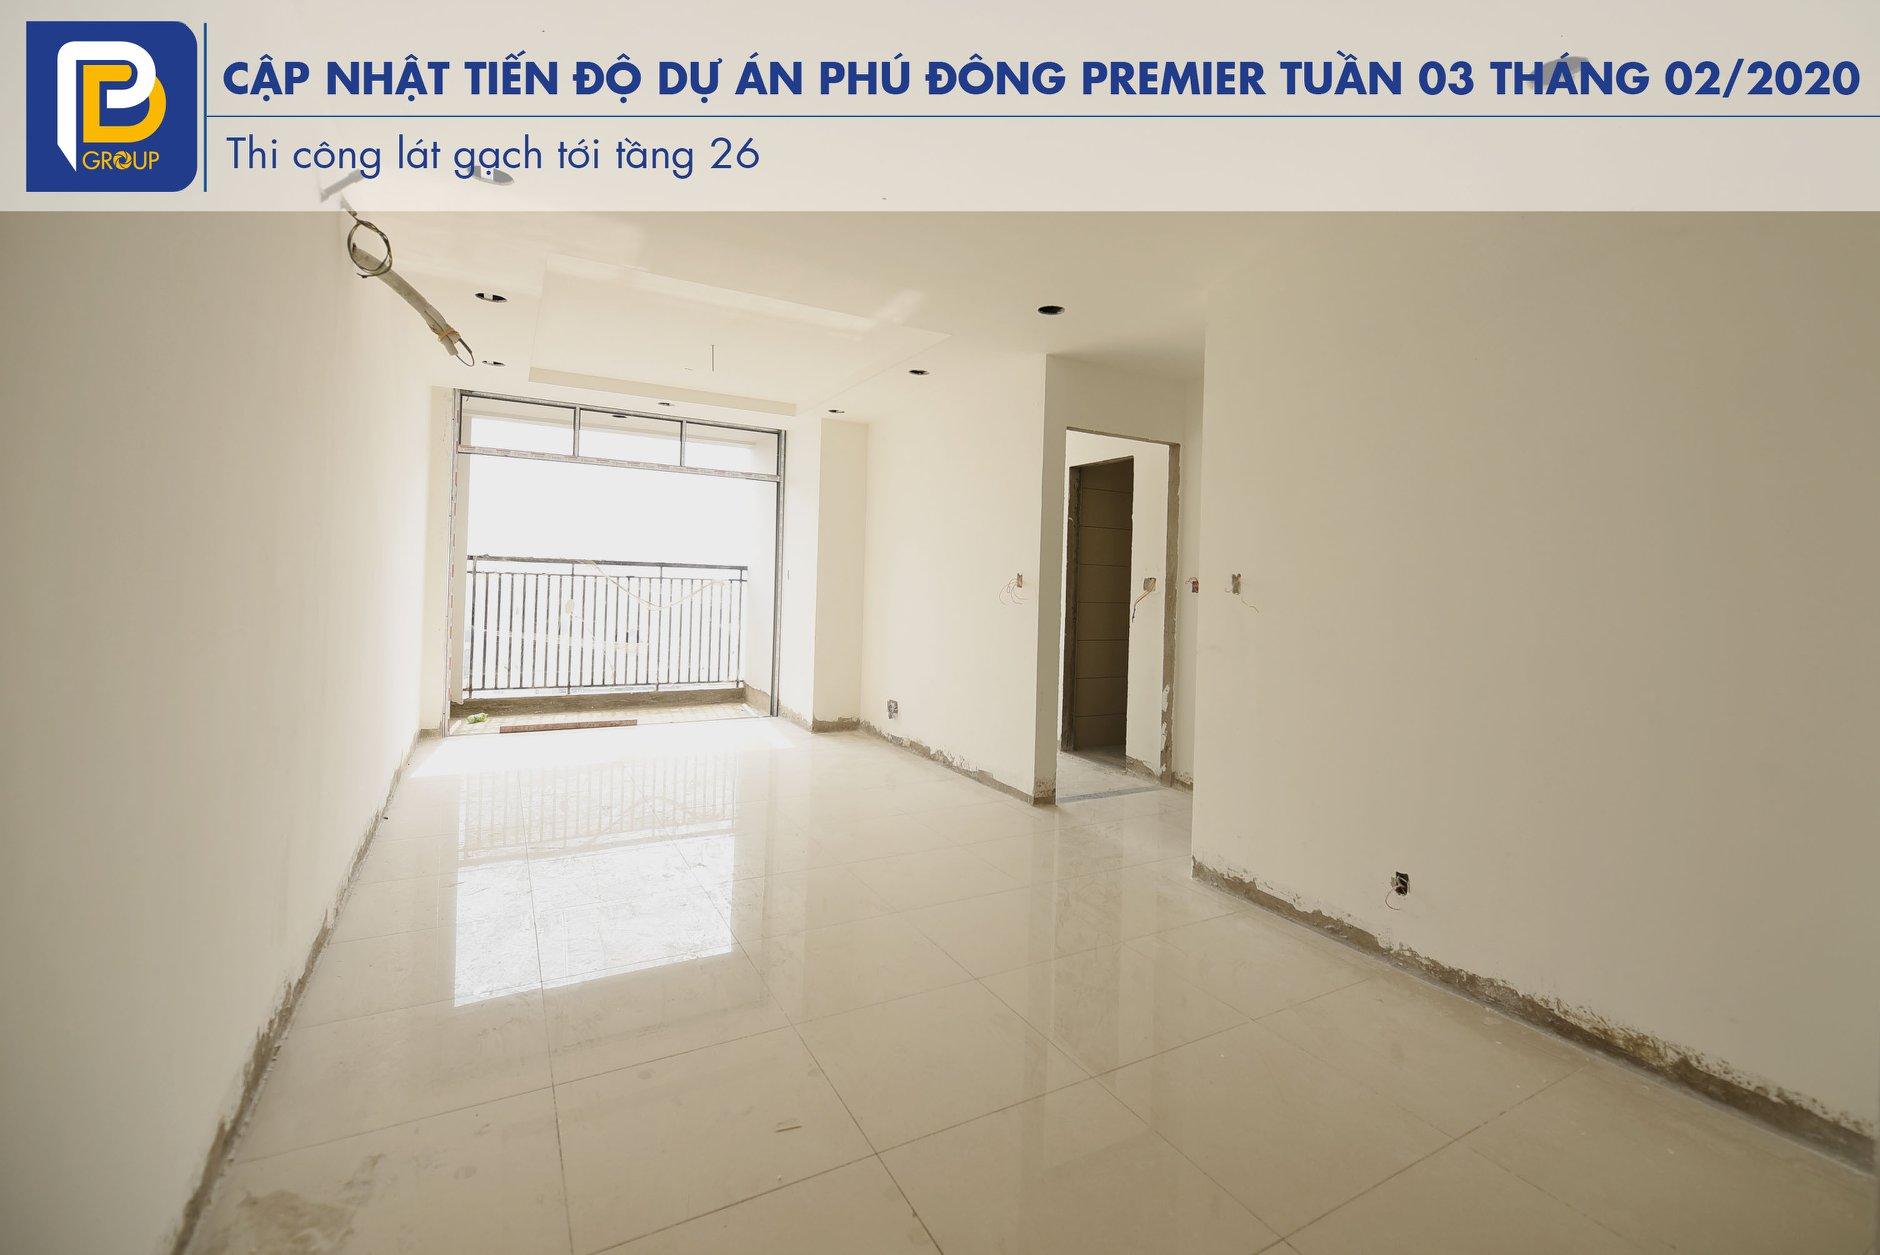 Tiến độ dự án Phú Đông Premier Tháng 02 năm 2020